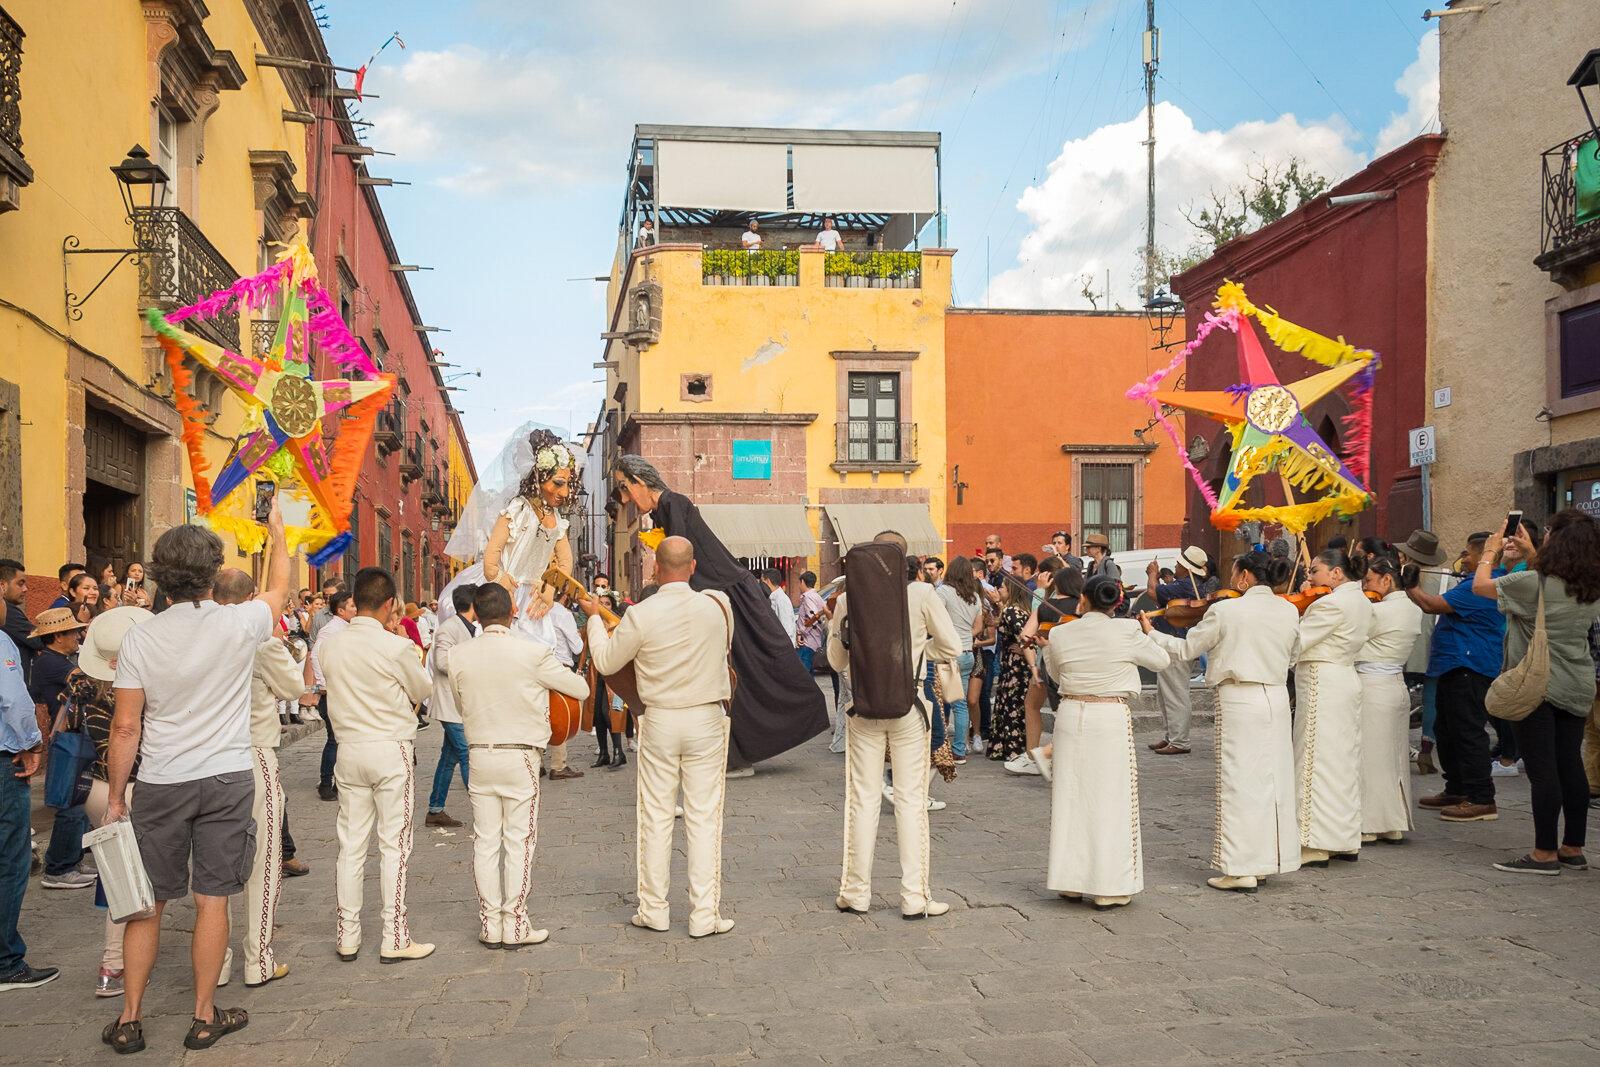 2019_San Miguel de Allende Mexico-1.jpg